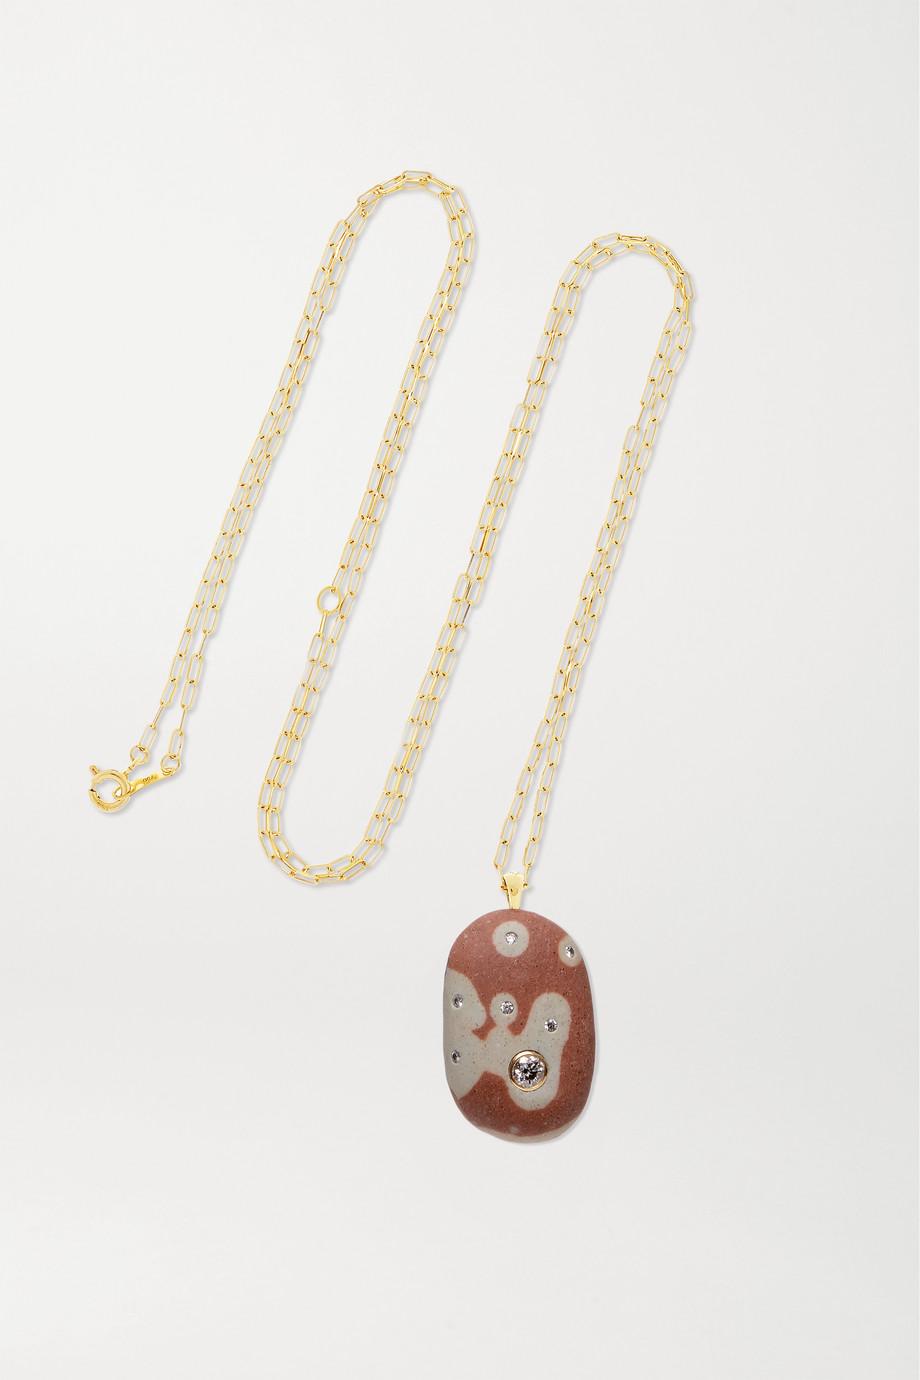 CVC Stones Collier en or 18 carats, galet et diamants Blob